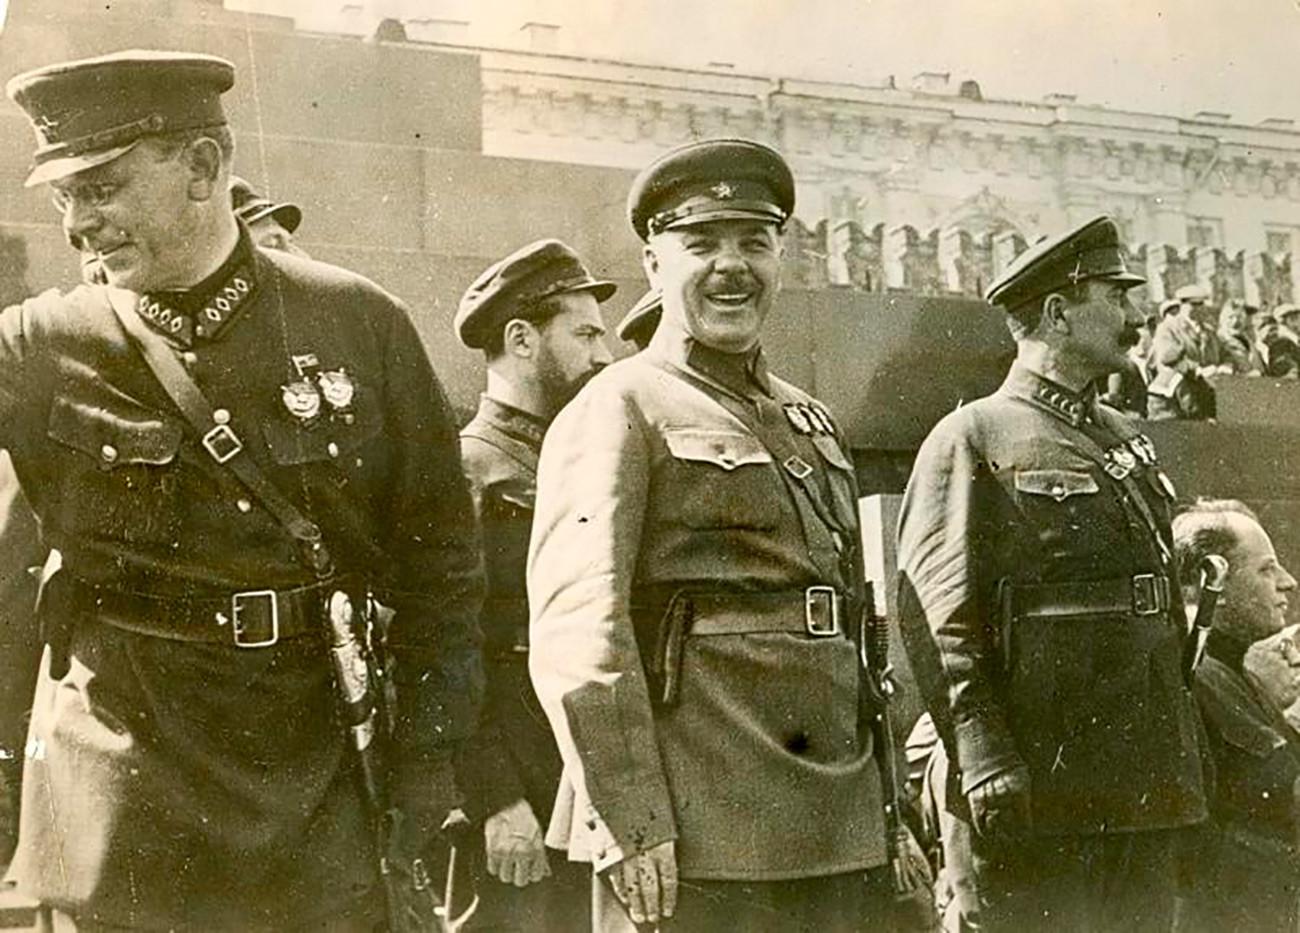 Poveljniki Rdeče armade Avgust Kork, Jan Gamarnik, Kliment Vorošilov in Semjon Budjonnij izpred Leninovega mavzoleja